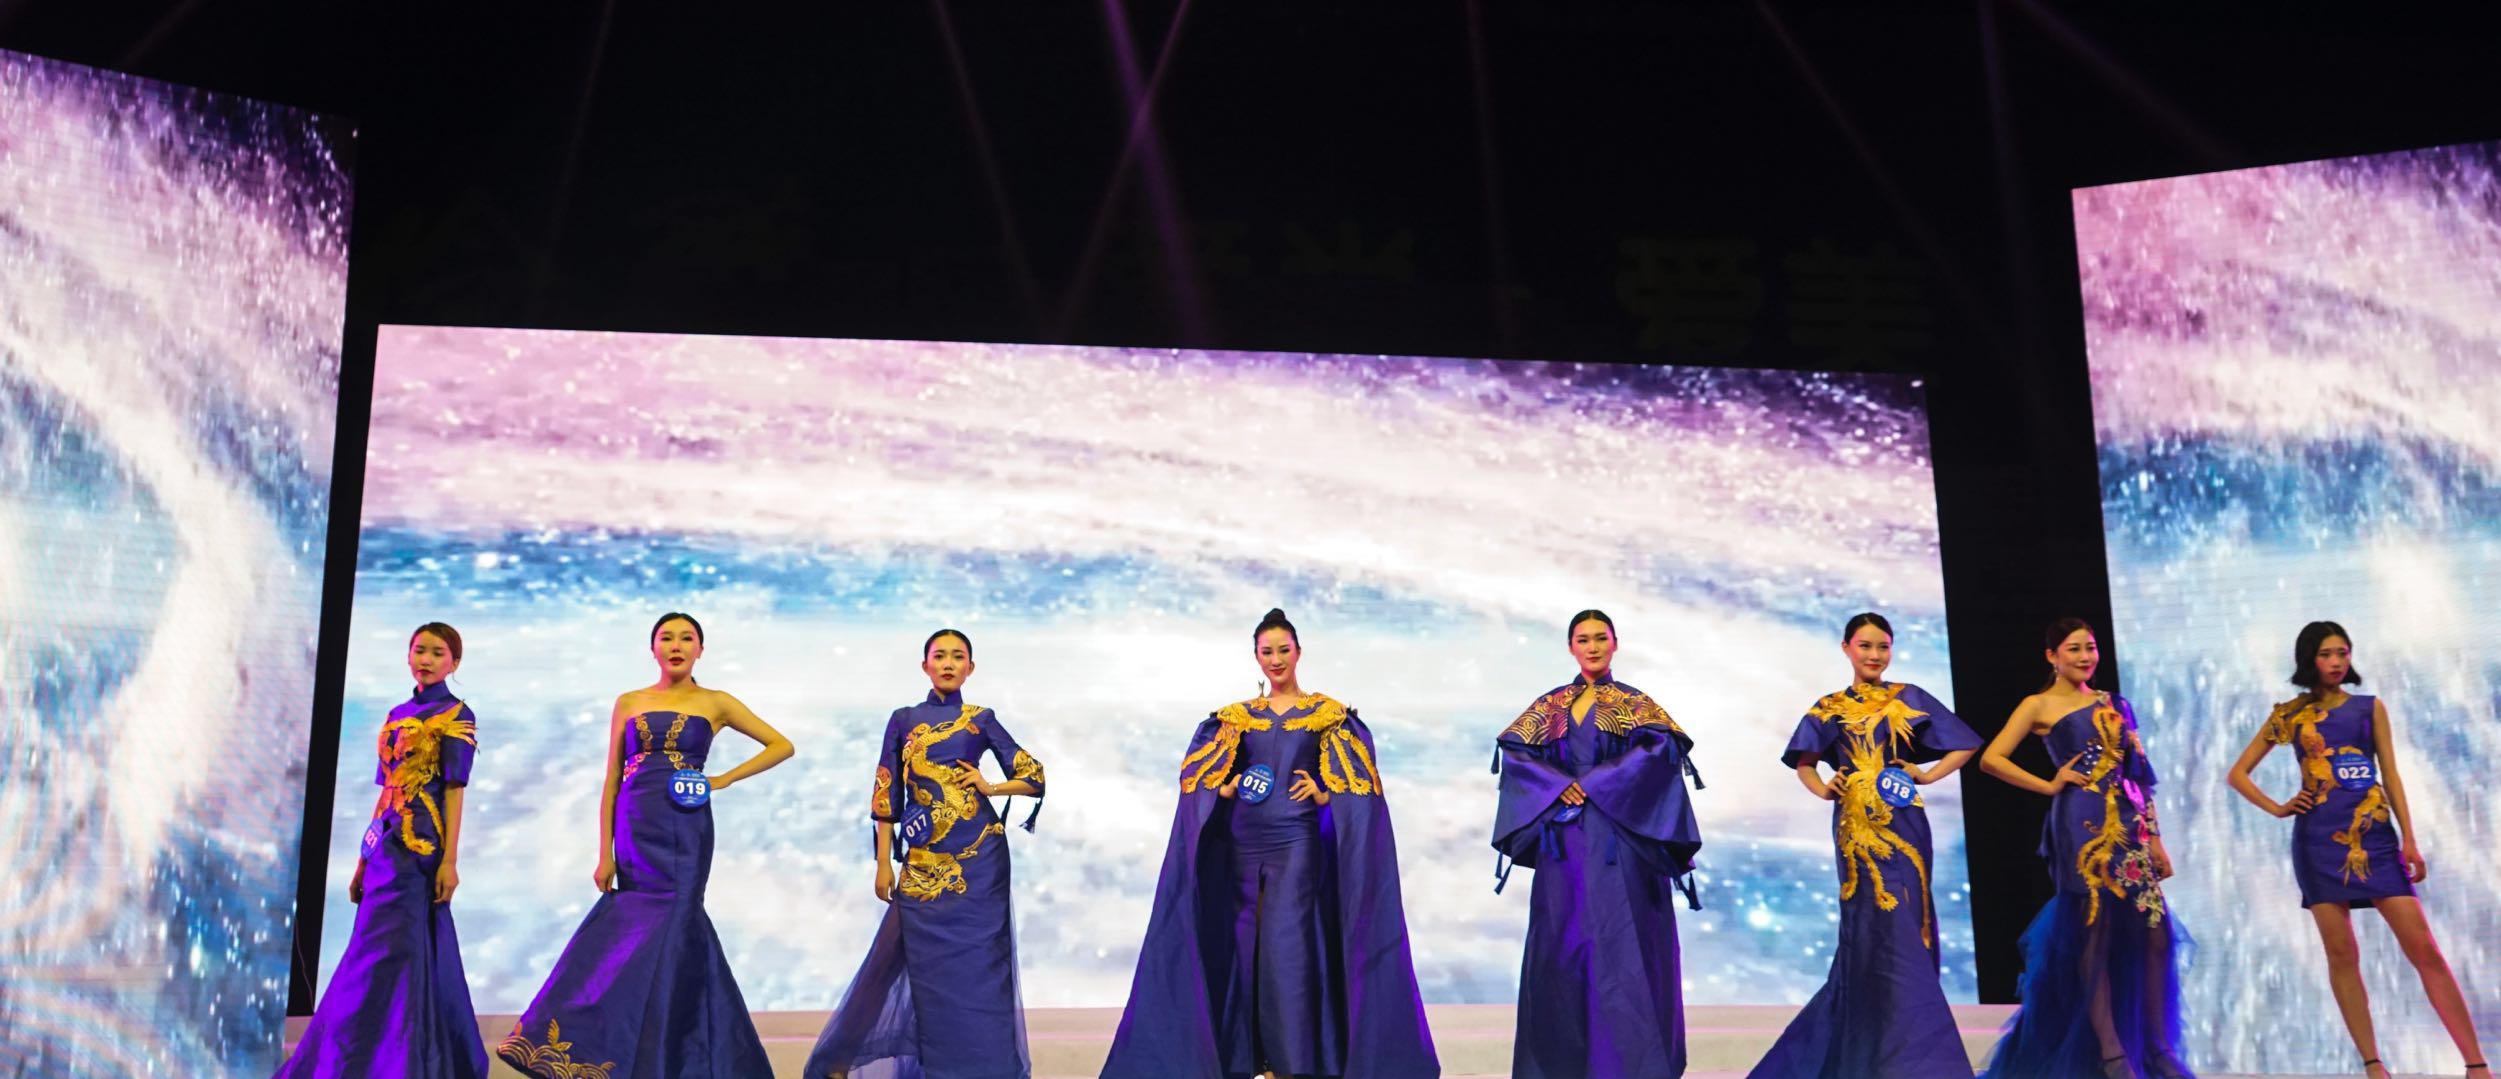 2018国际腾博会体育投注小姐大赛山东赛区总决赛完美落幕